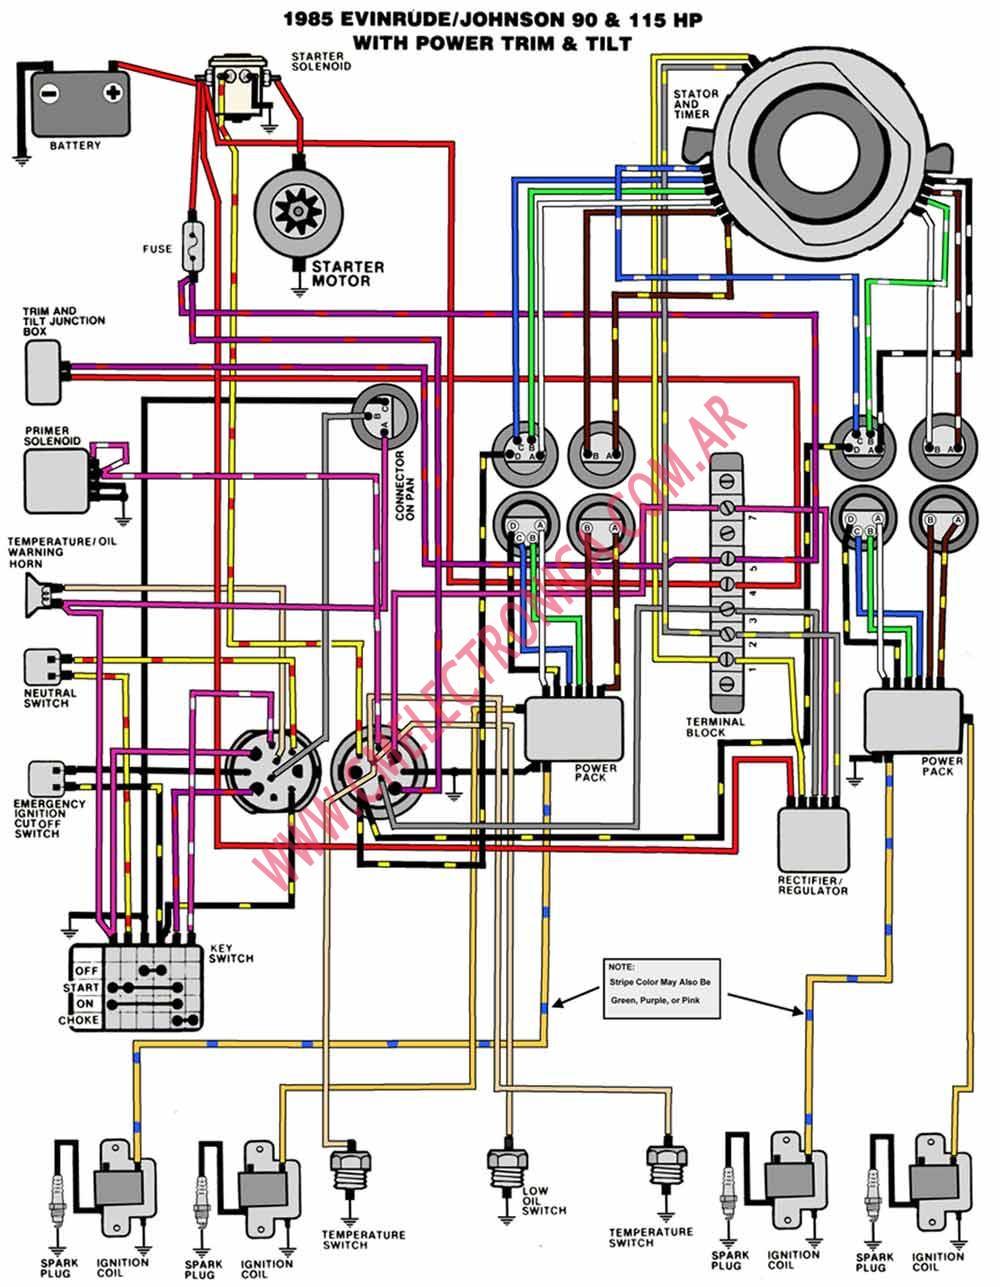 medium resolution of wrg 4423 evinrude 115 wiring diagram evinrude outboard motor wiring diagram diagrama evinrude johnson 1985